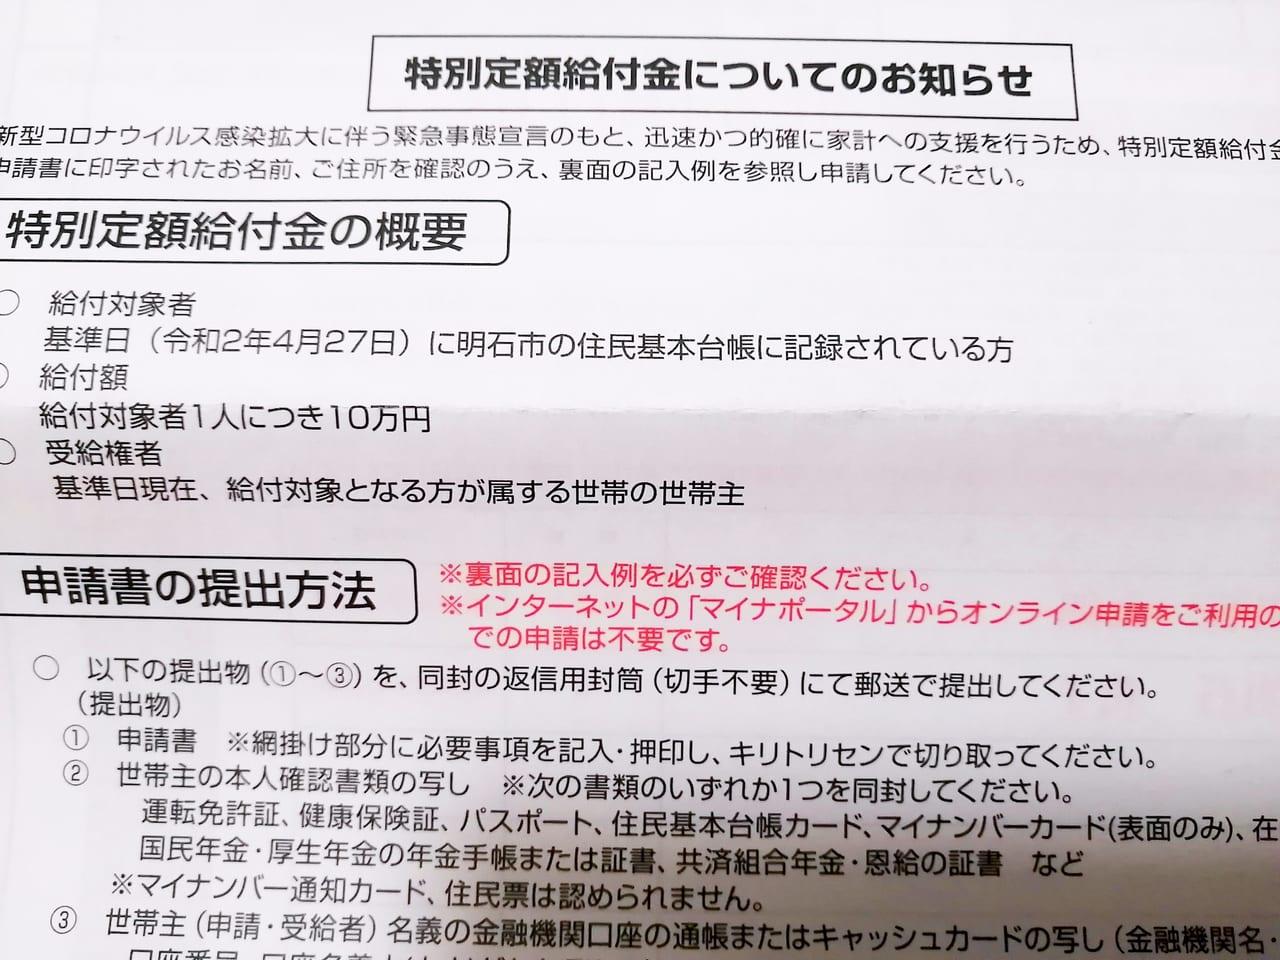 いつ 金 れる 振り込ま 市 給付 大阪 10万円給付金「うちの街はいつ届く?」全国132自治体リスト(SmartFLASH)